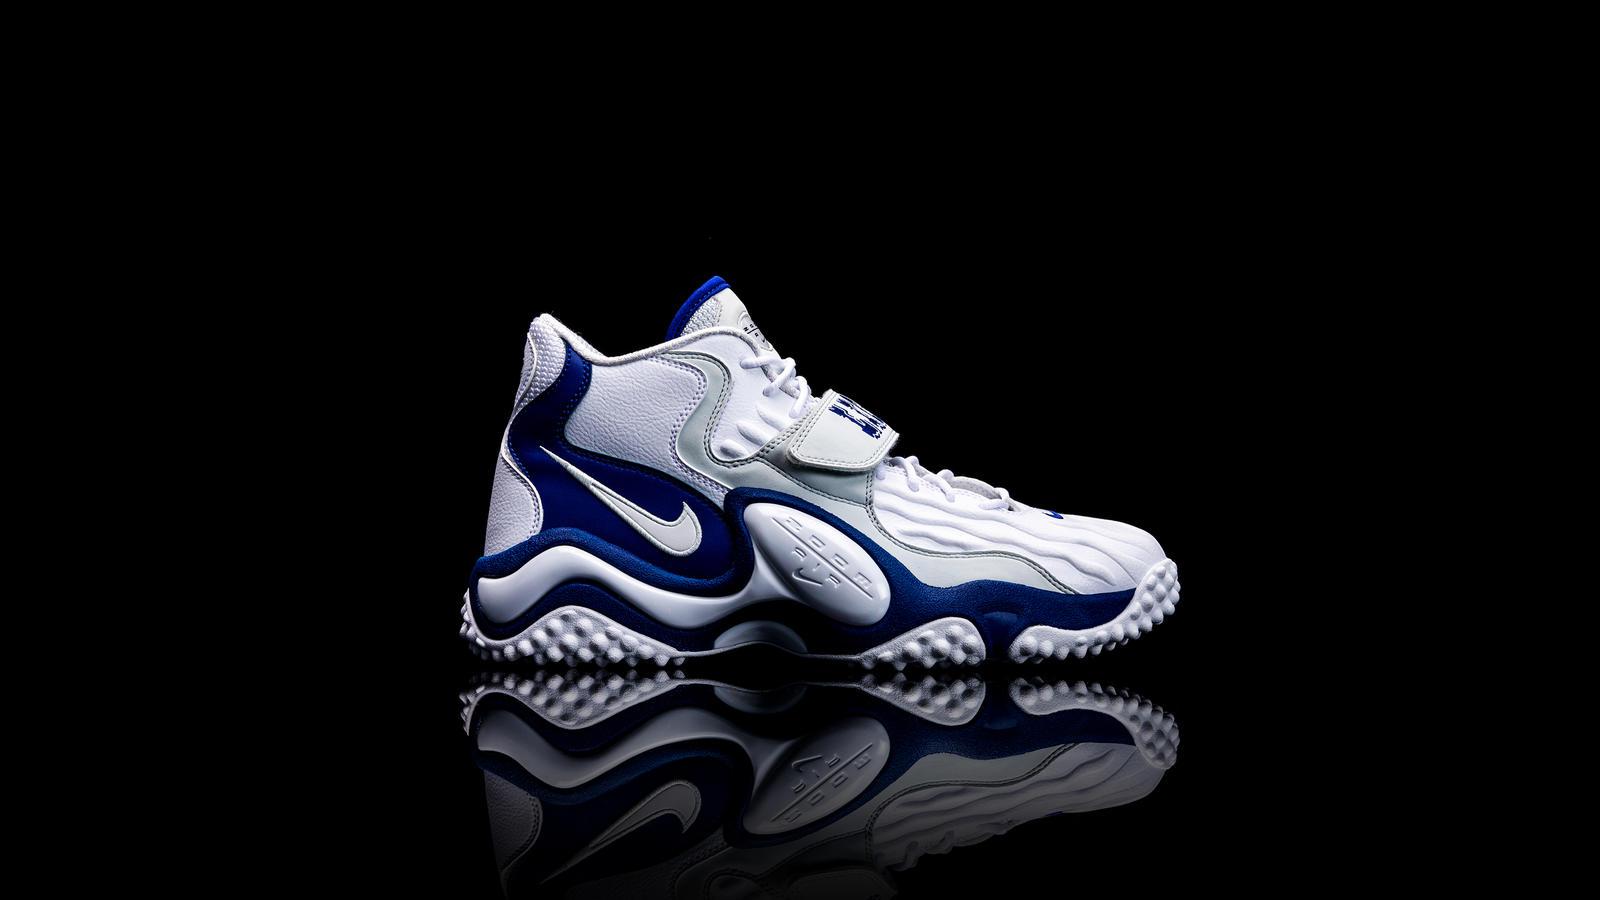 11 Best Nike Zoom Turf images | Nike zoom, Nike, Sneakers